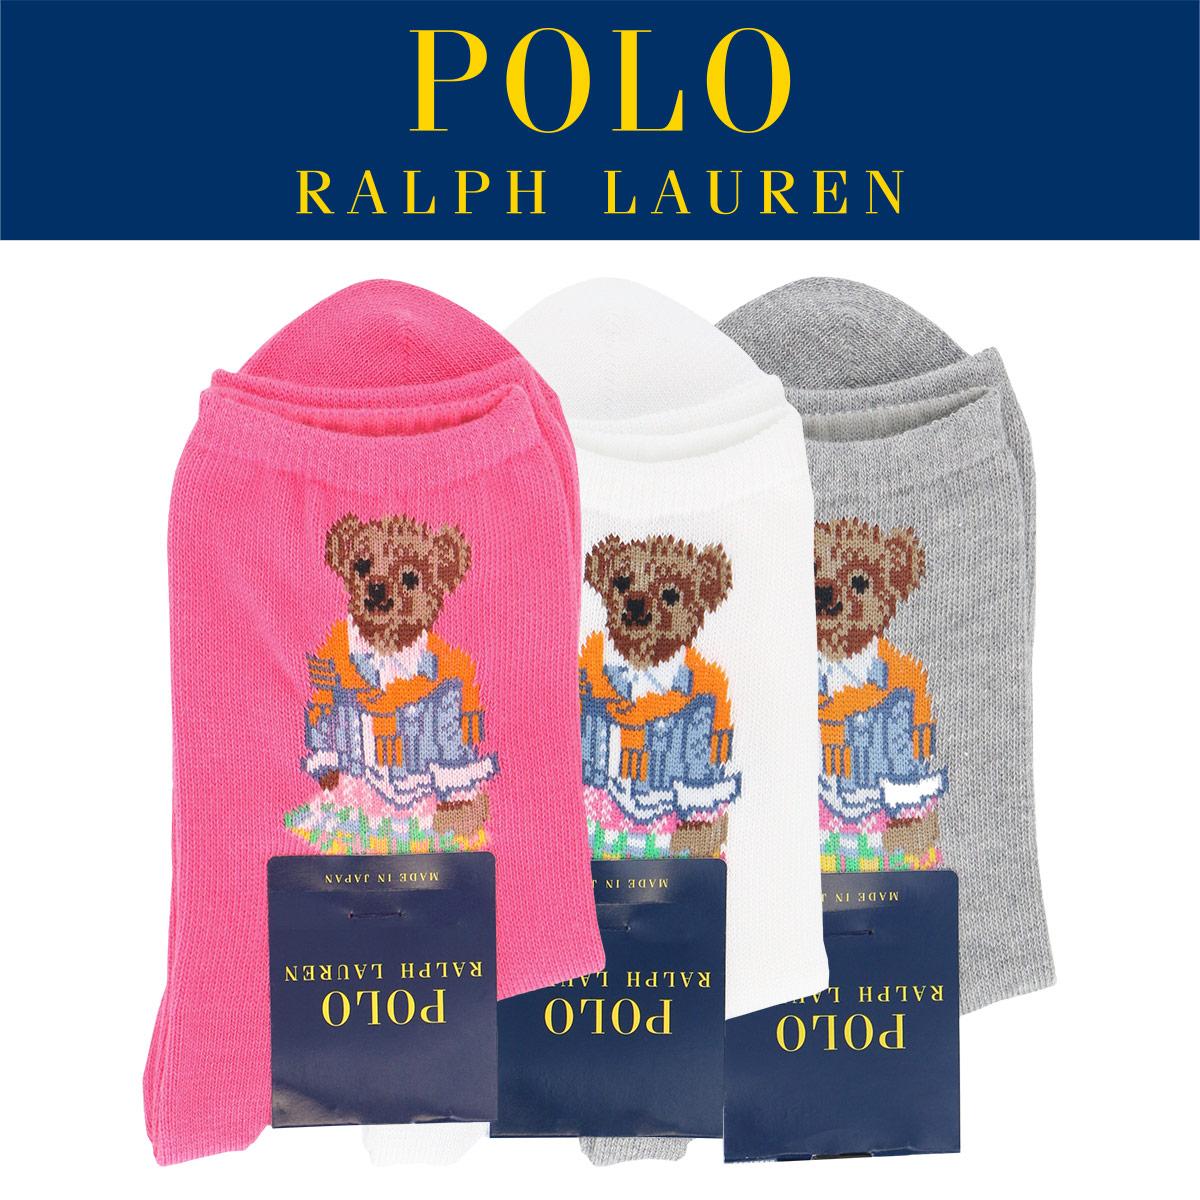 POLO RALPH LAUREN ポロ ラルフローレン|キッズ ジュニア 子供 ガールズ 女の子 靴下|マドラスガールベア ポロべア|クルーソックス|4803-689【ゆうパケット・4点まで】